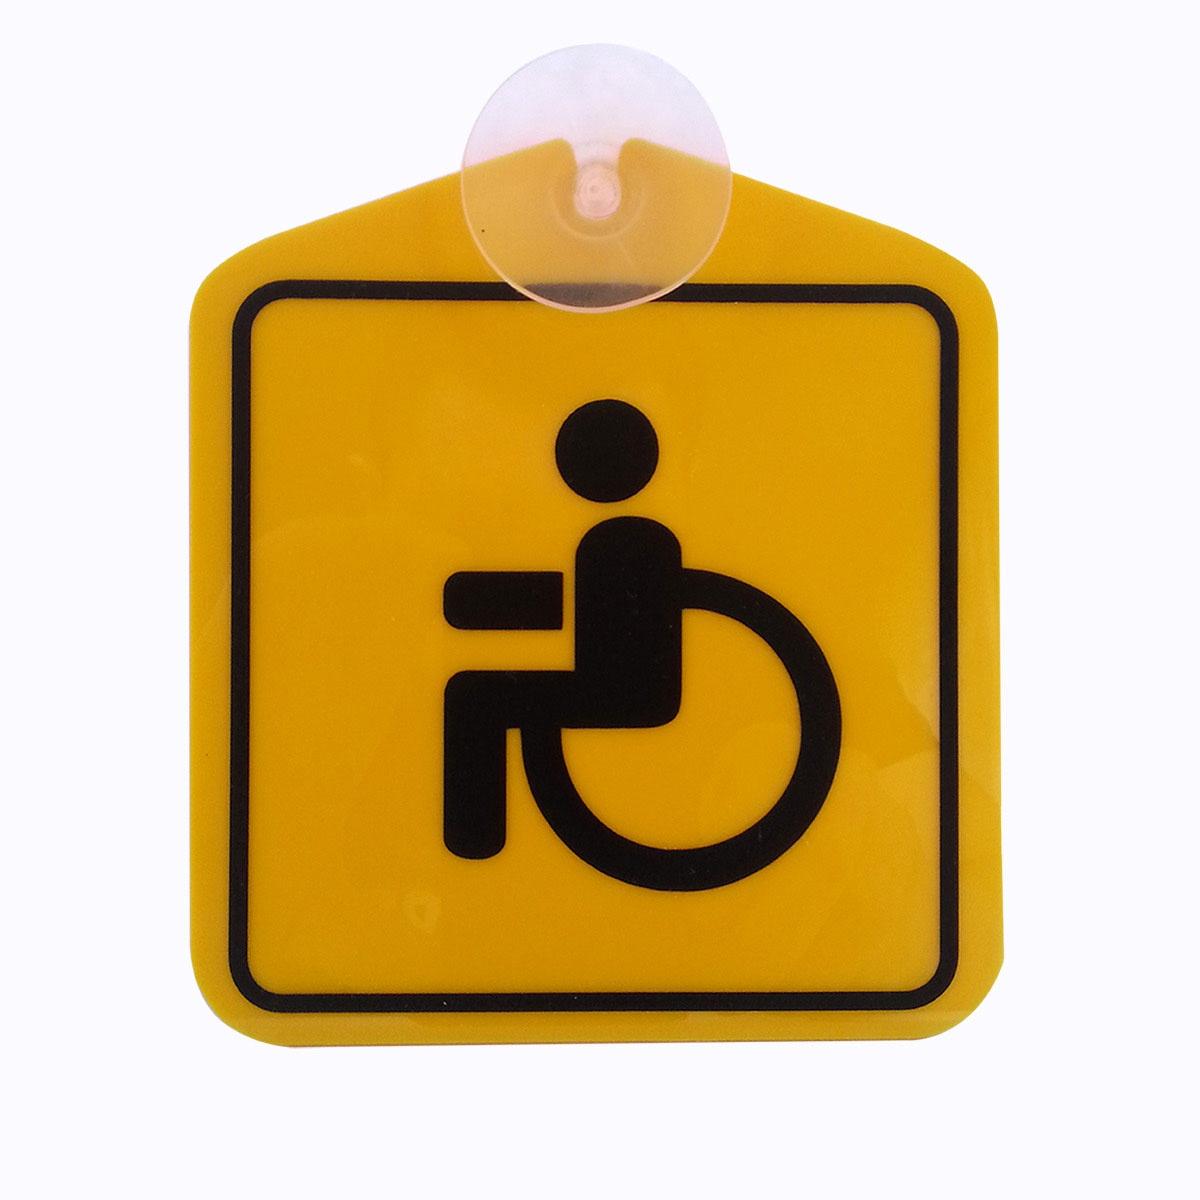 Информационная табличка ОранжевыйСлоник на присоске Инвалид, желтый табличка внимание частная собственность односторонняя 200х200мм пвх 1мм